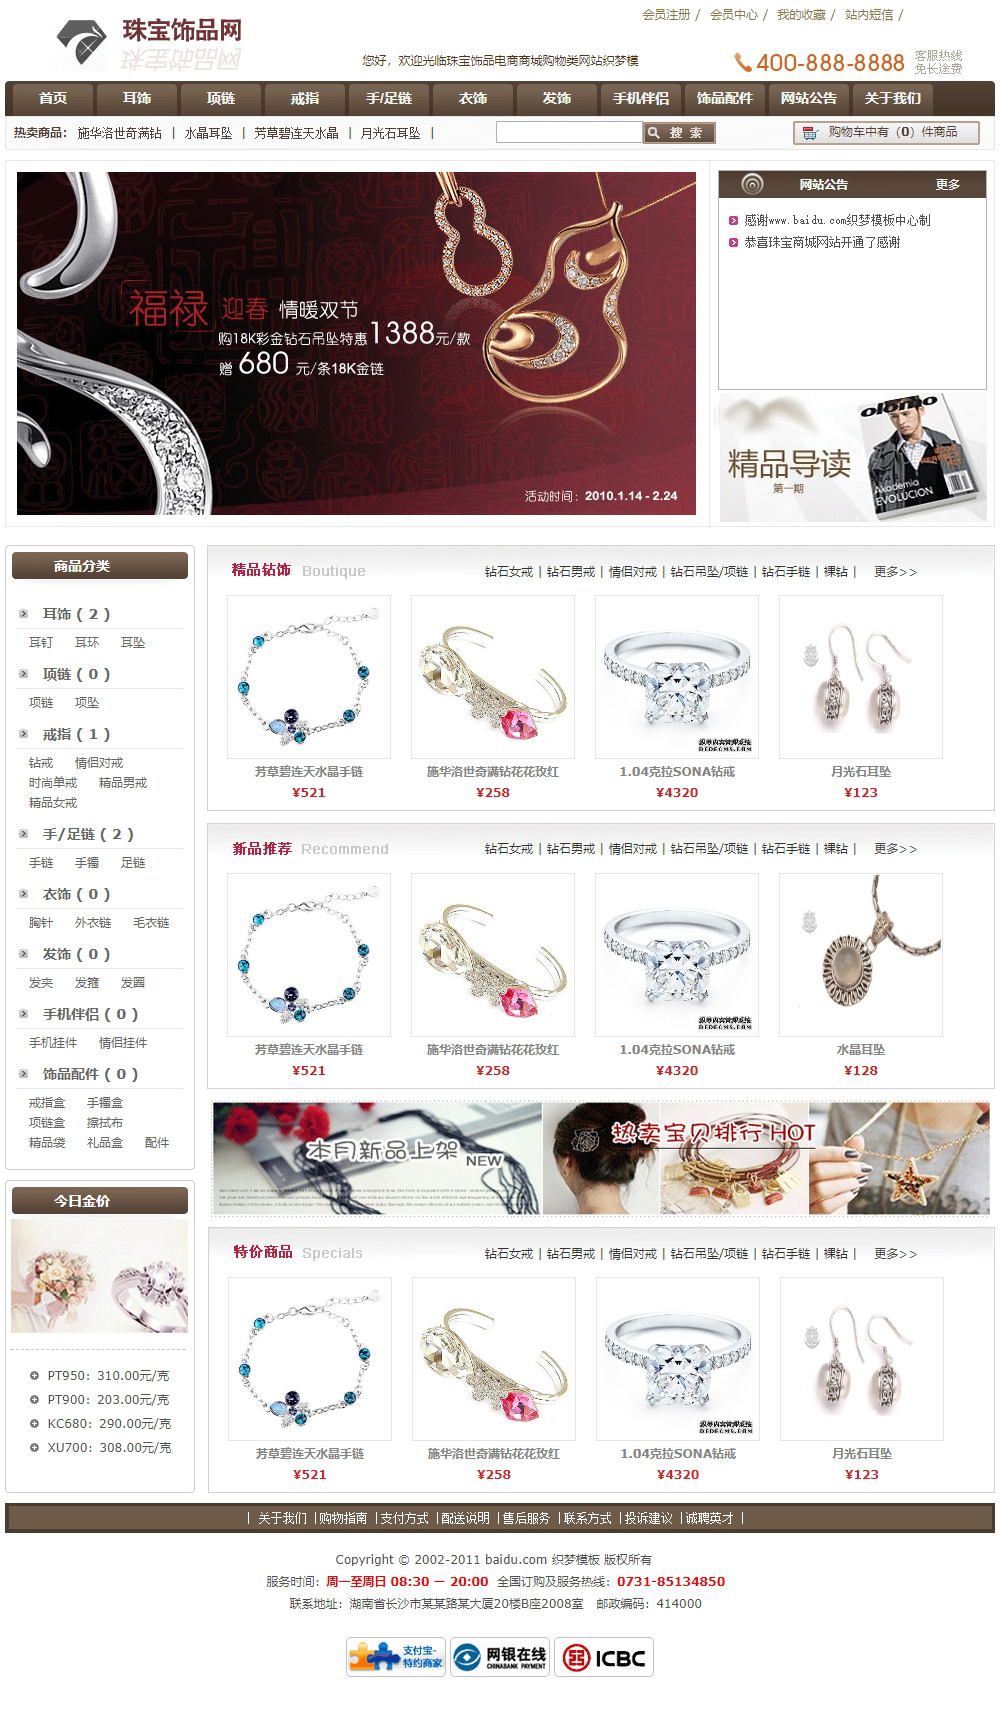 珠宝饰品电商商城购物类网站织梦dedecms模板